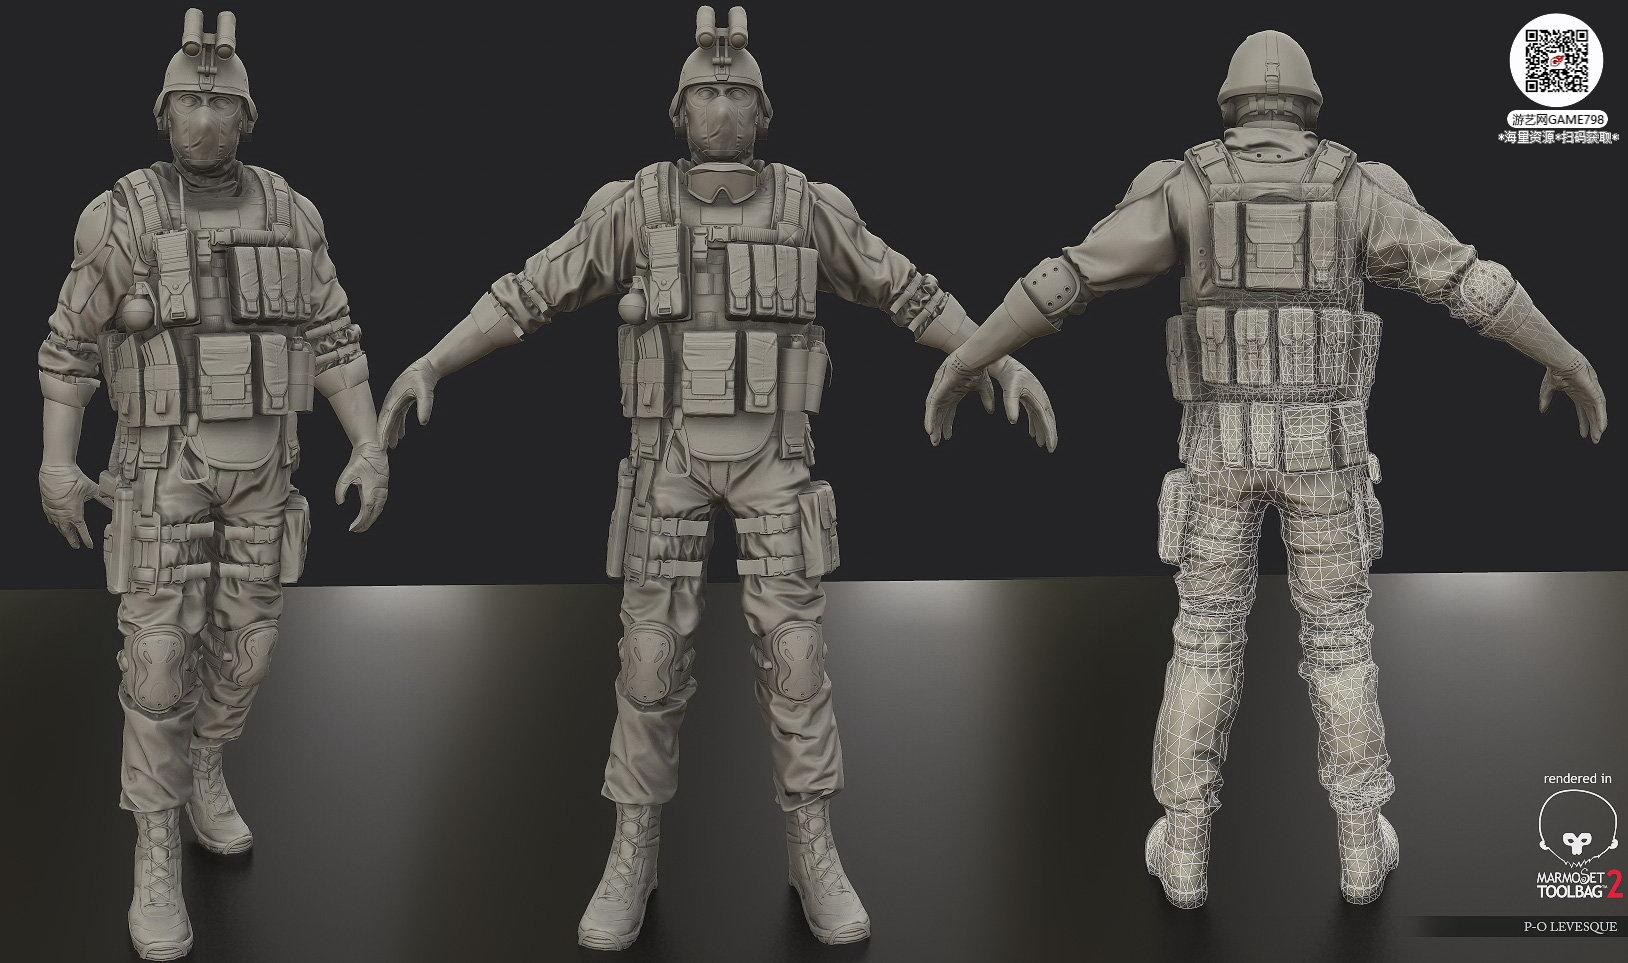 053_关注游艺网公众号获海量资源_3D网游次世代模型大图参考机械怪兽科幻ZBrush4R8雕刻.jpg